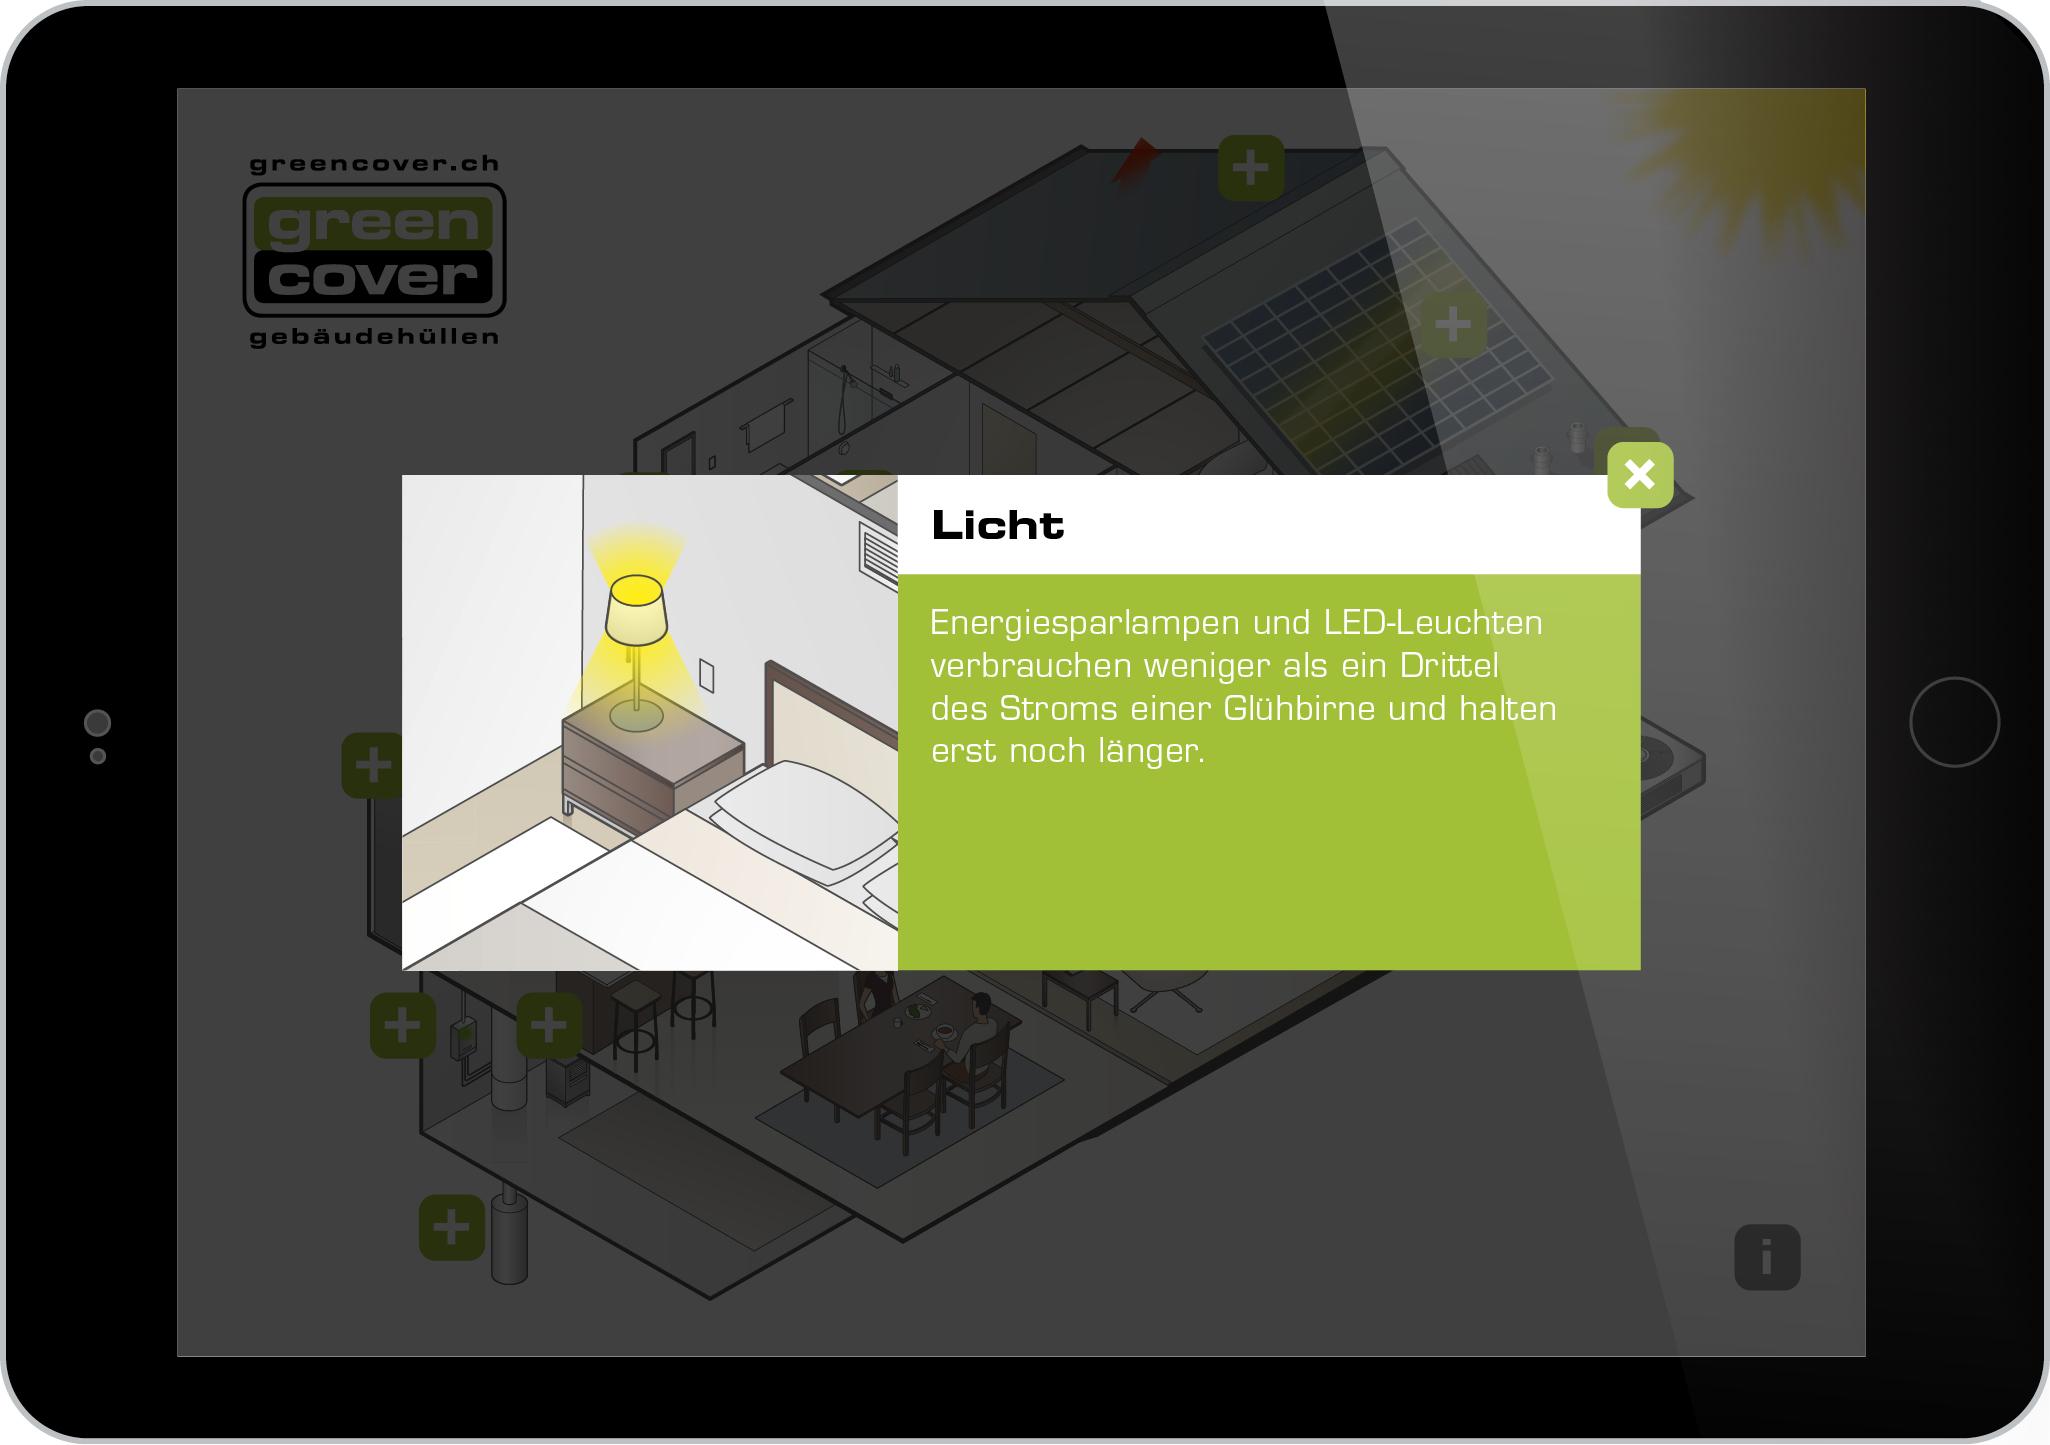 Greencover AG Tablet Präsentation SIGA 2016